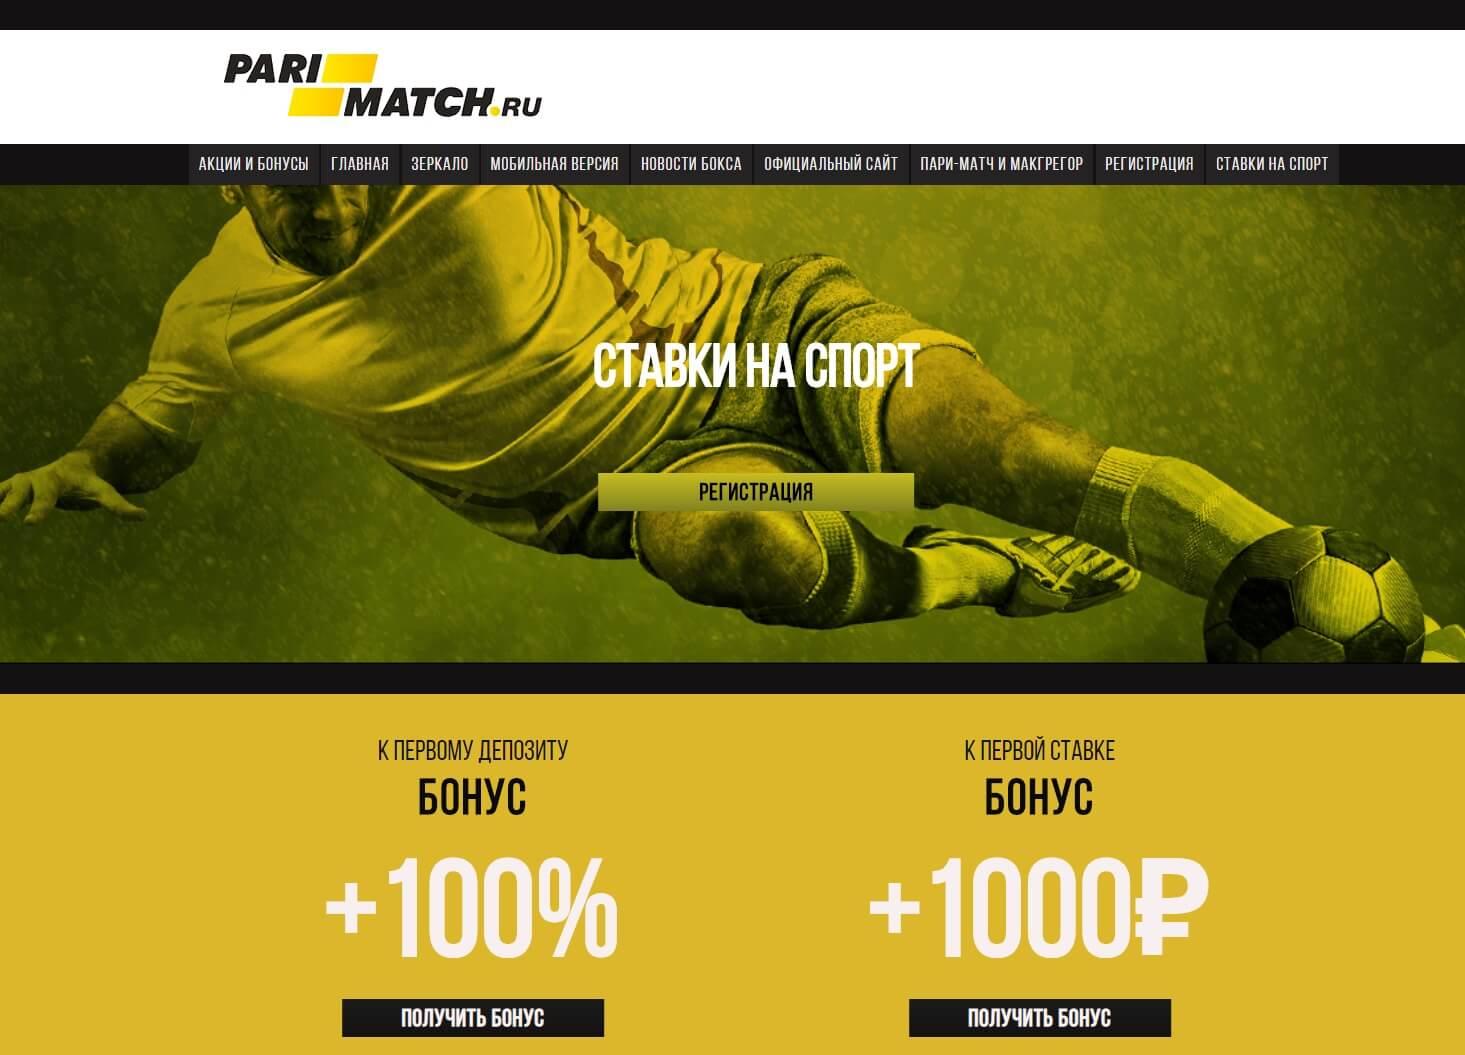 контора parimatch спорт и ставки онлайн на букмекерская